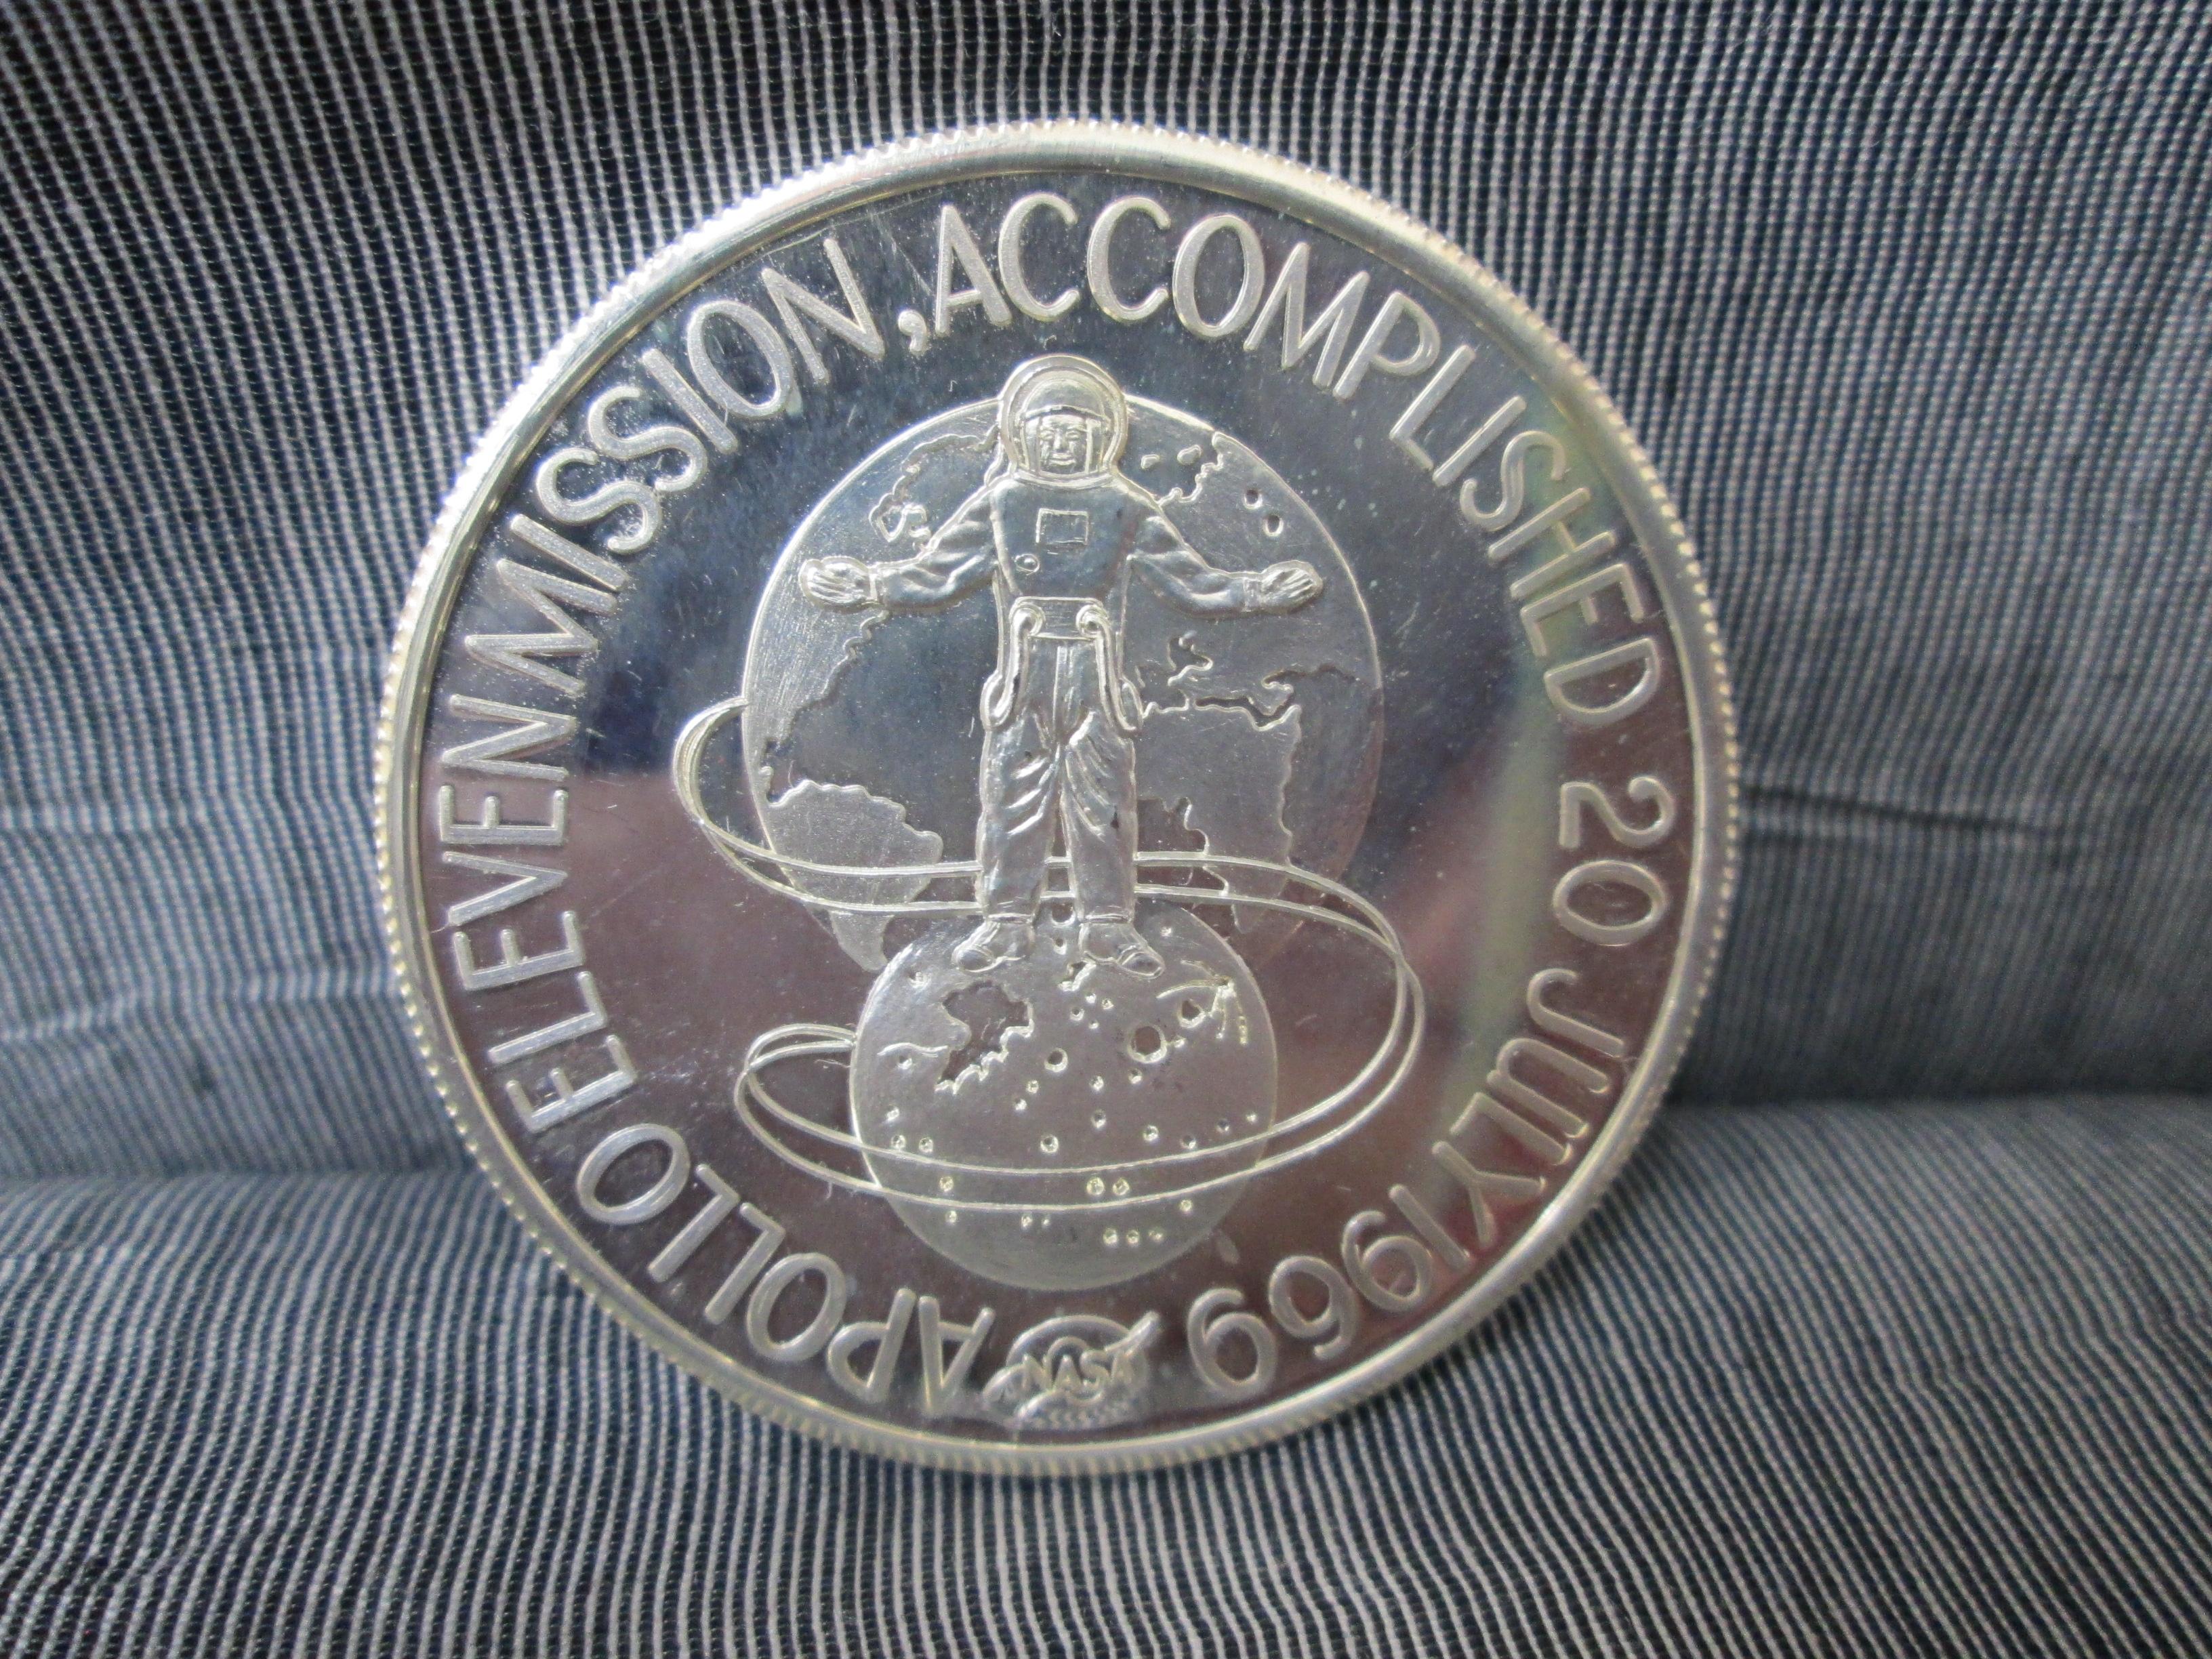 silver medallion apollo 11 coin - photo #47